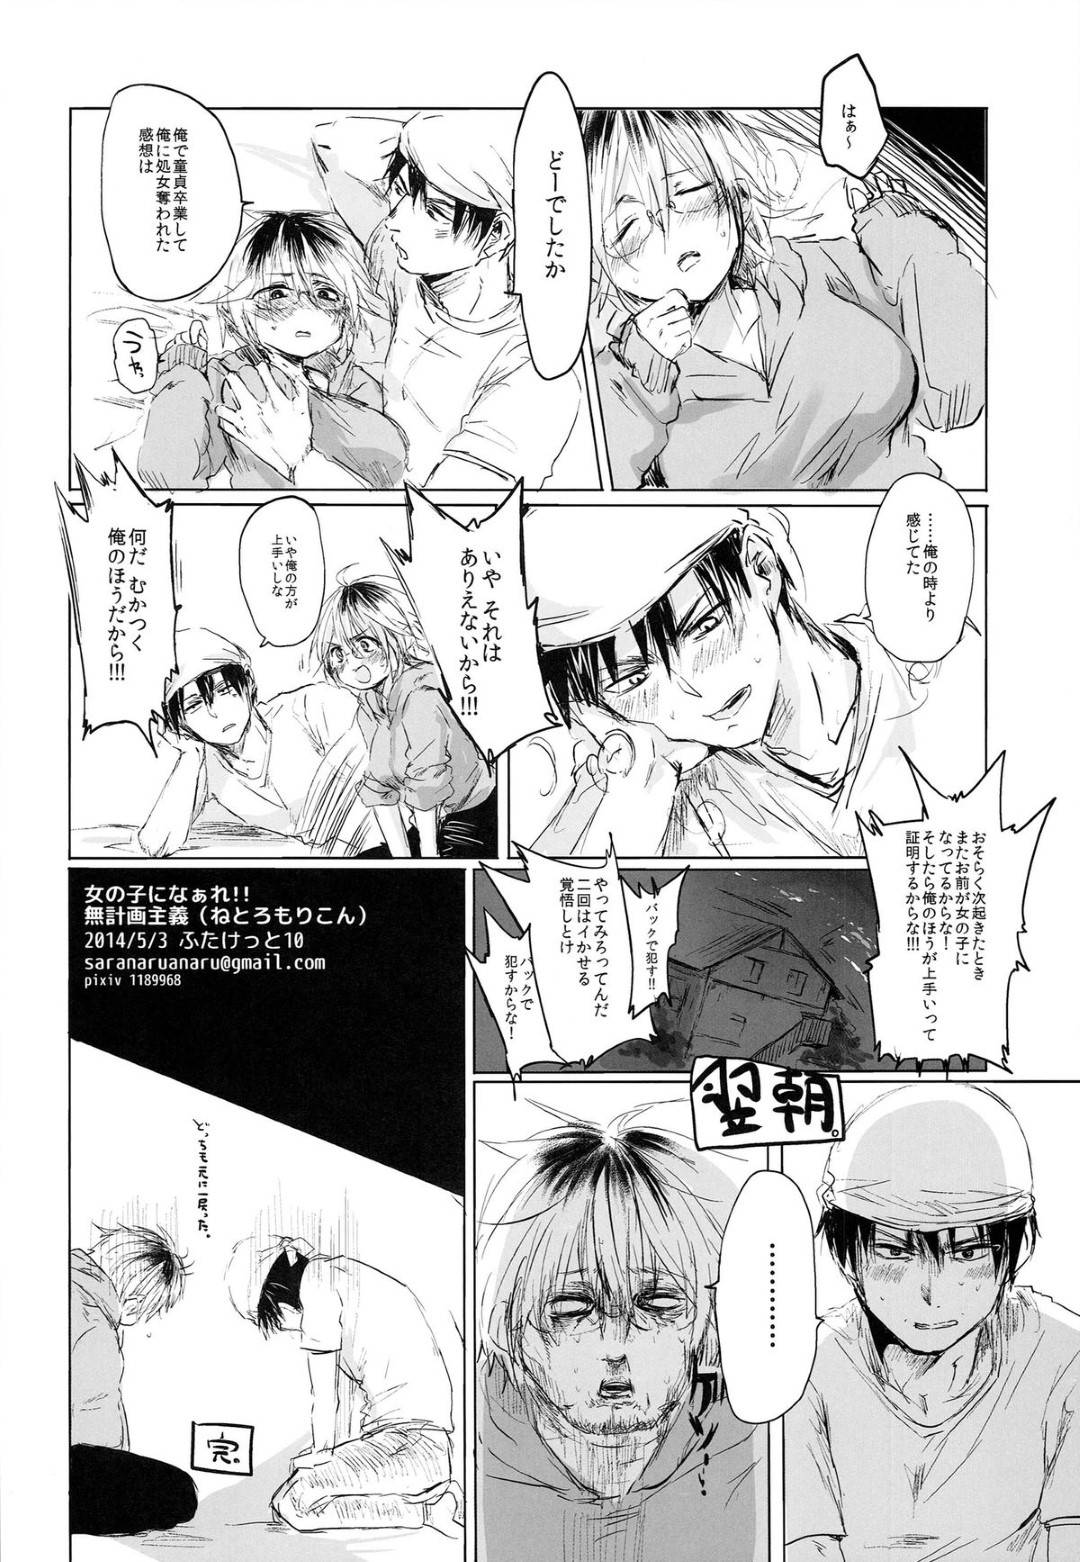 【女体化エロ漫画】エロ漫画を描いている男は目が覚めると女体化しており友人を呼びおっぱいを揉ませ生ハメセックス【ねとろもりこん】